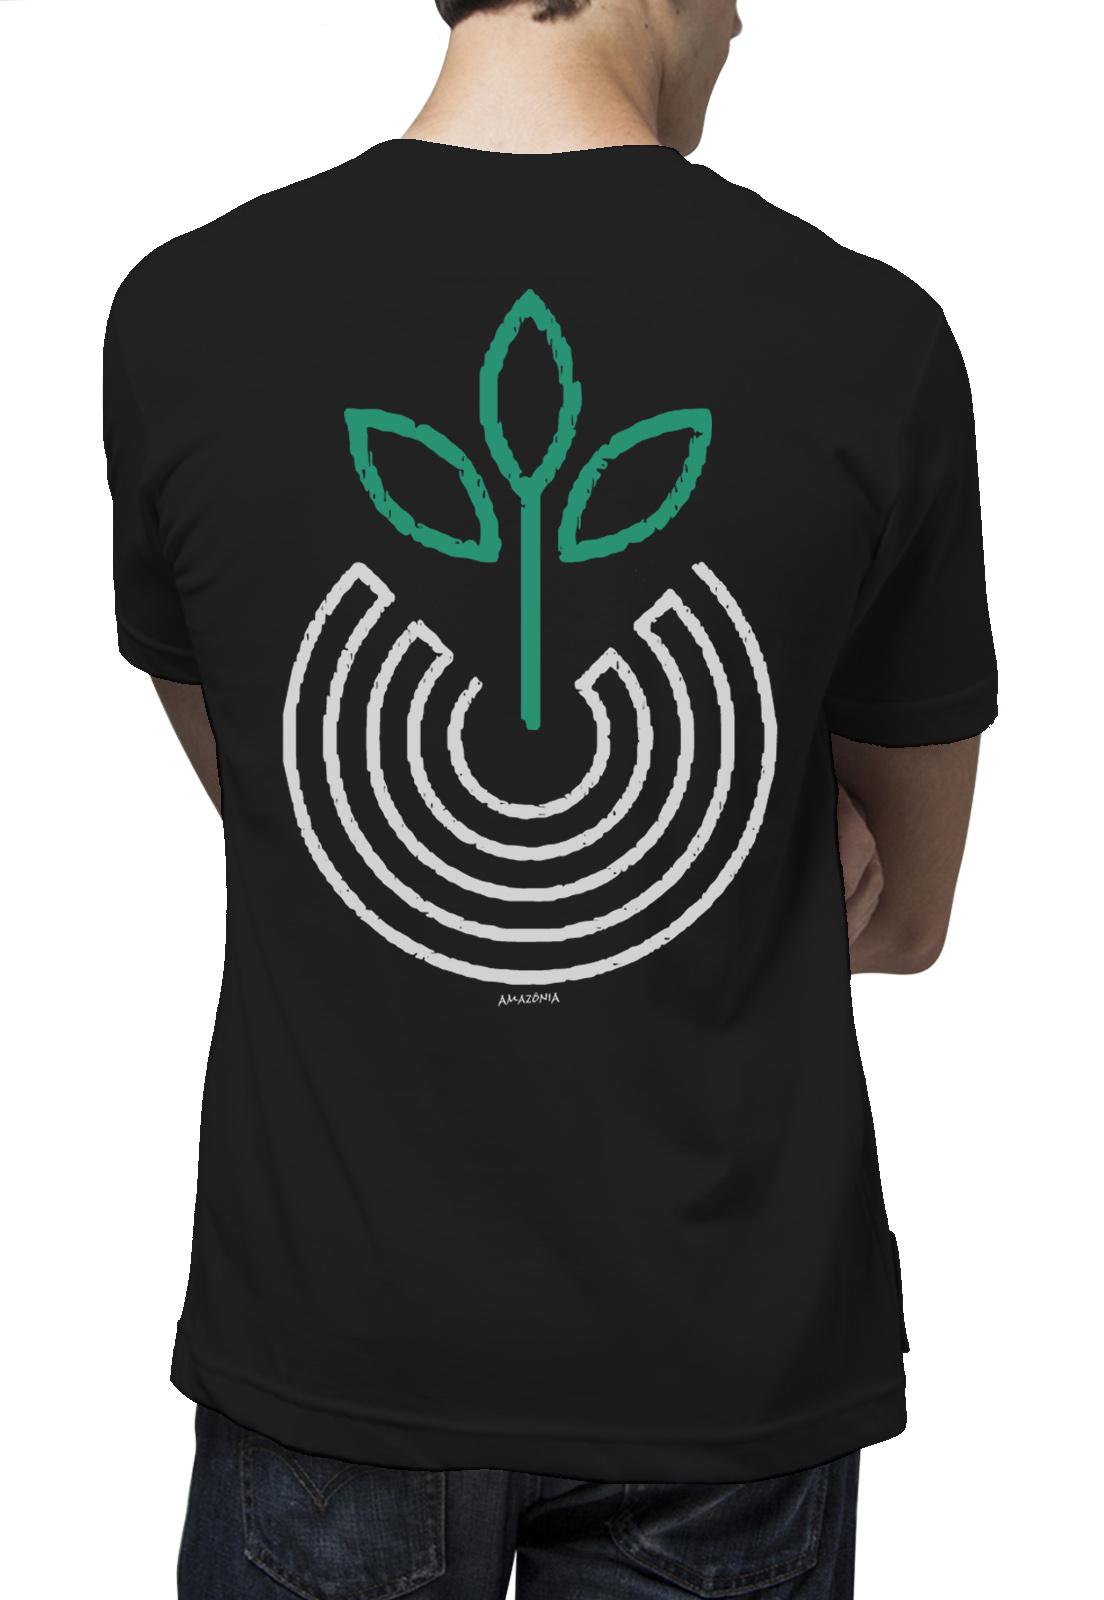 Camiseta Amazônia Vibração Positiva - Preto